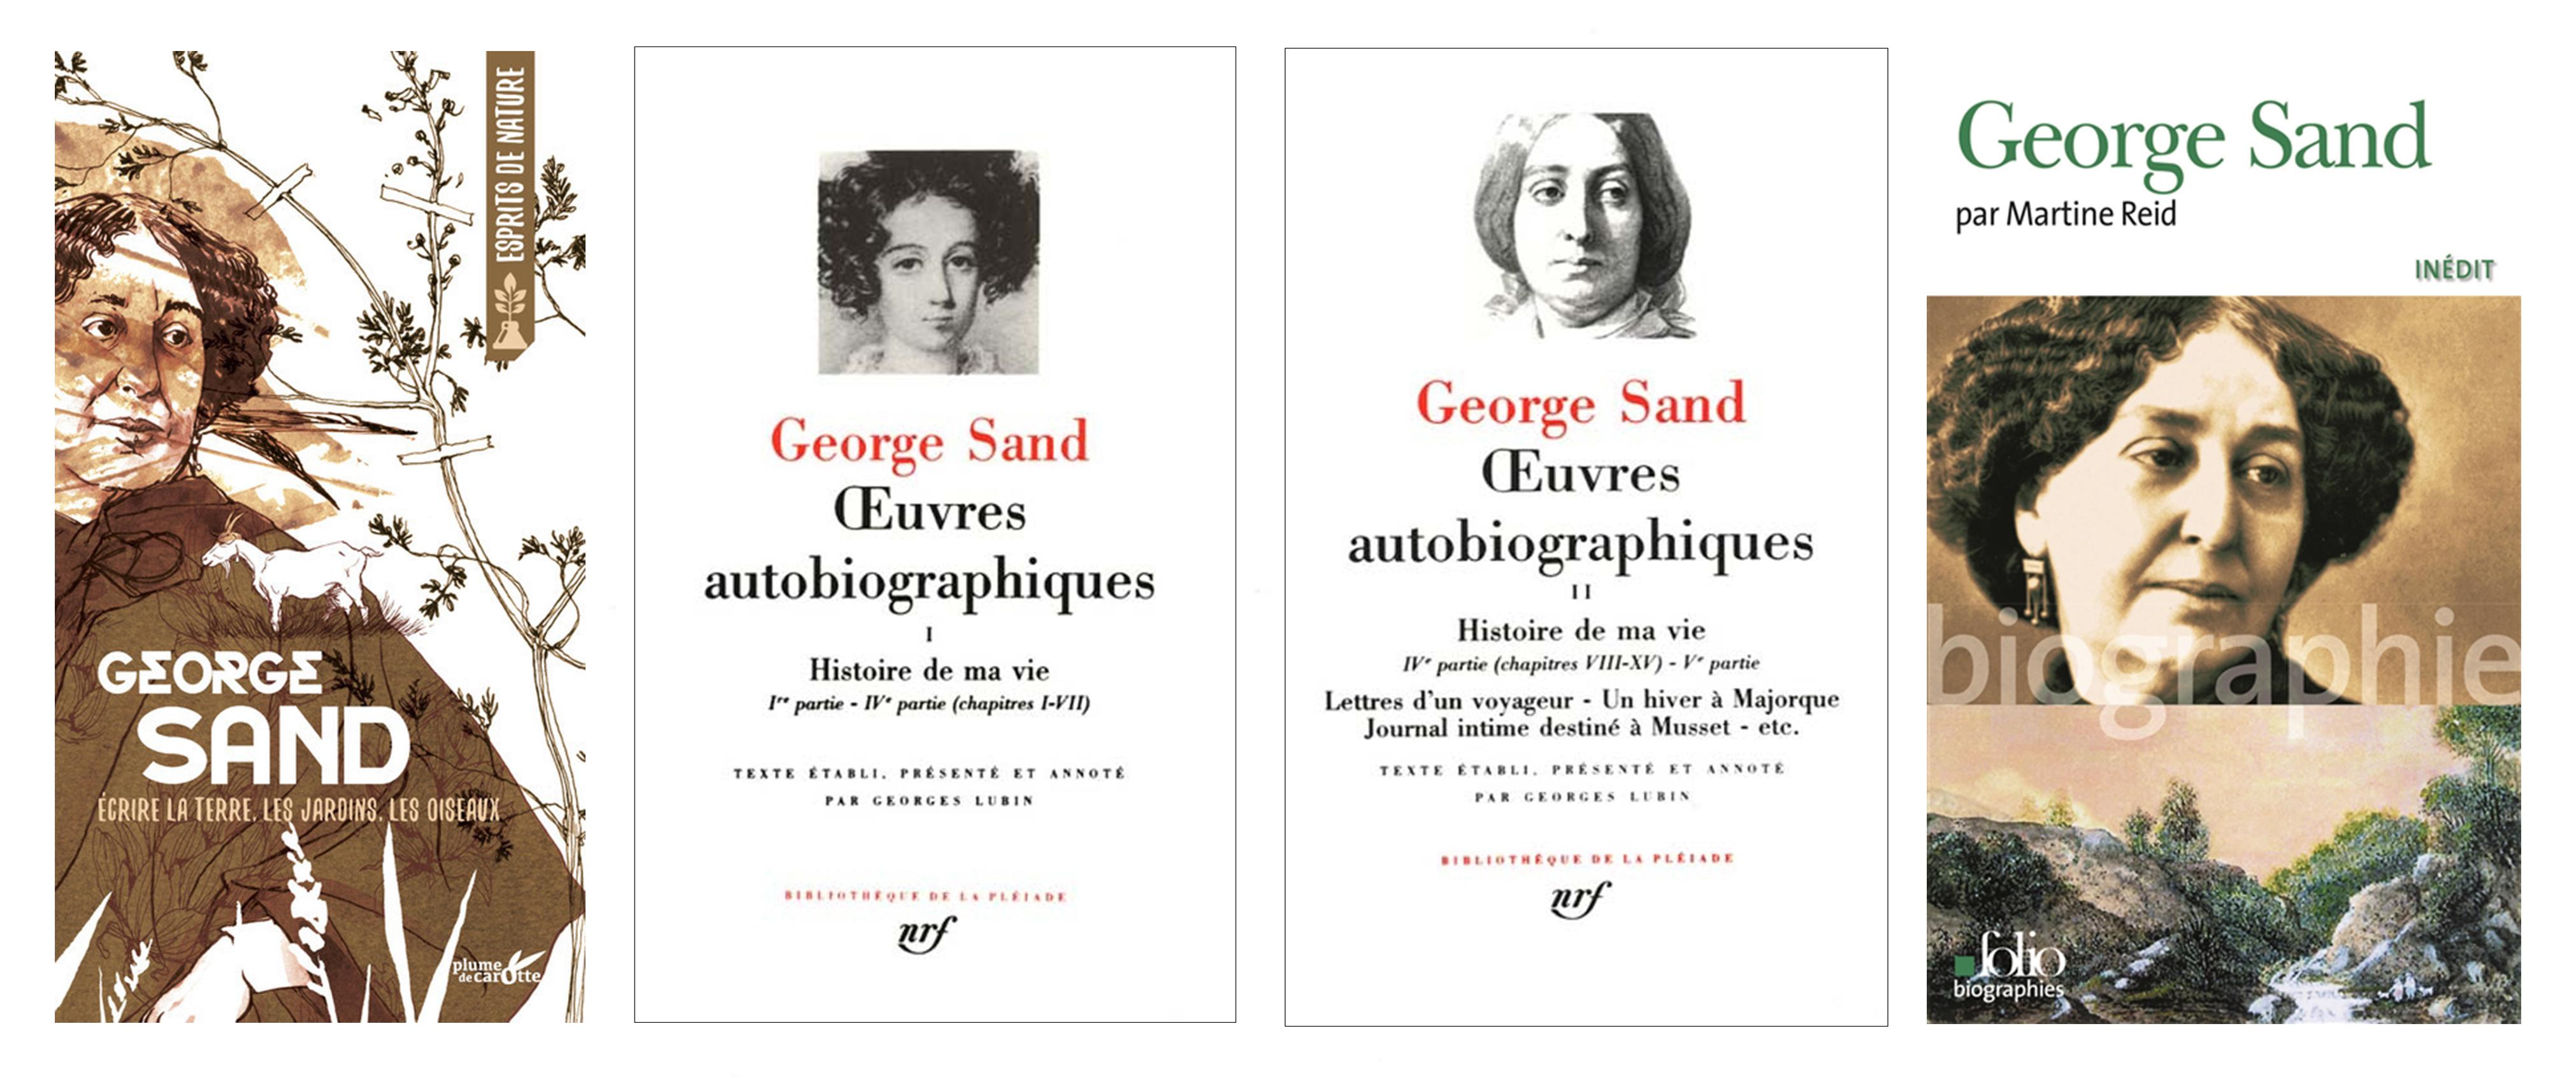 Couvertures des ouvrages de et sur George Sand